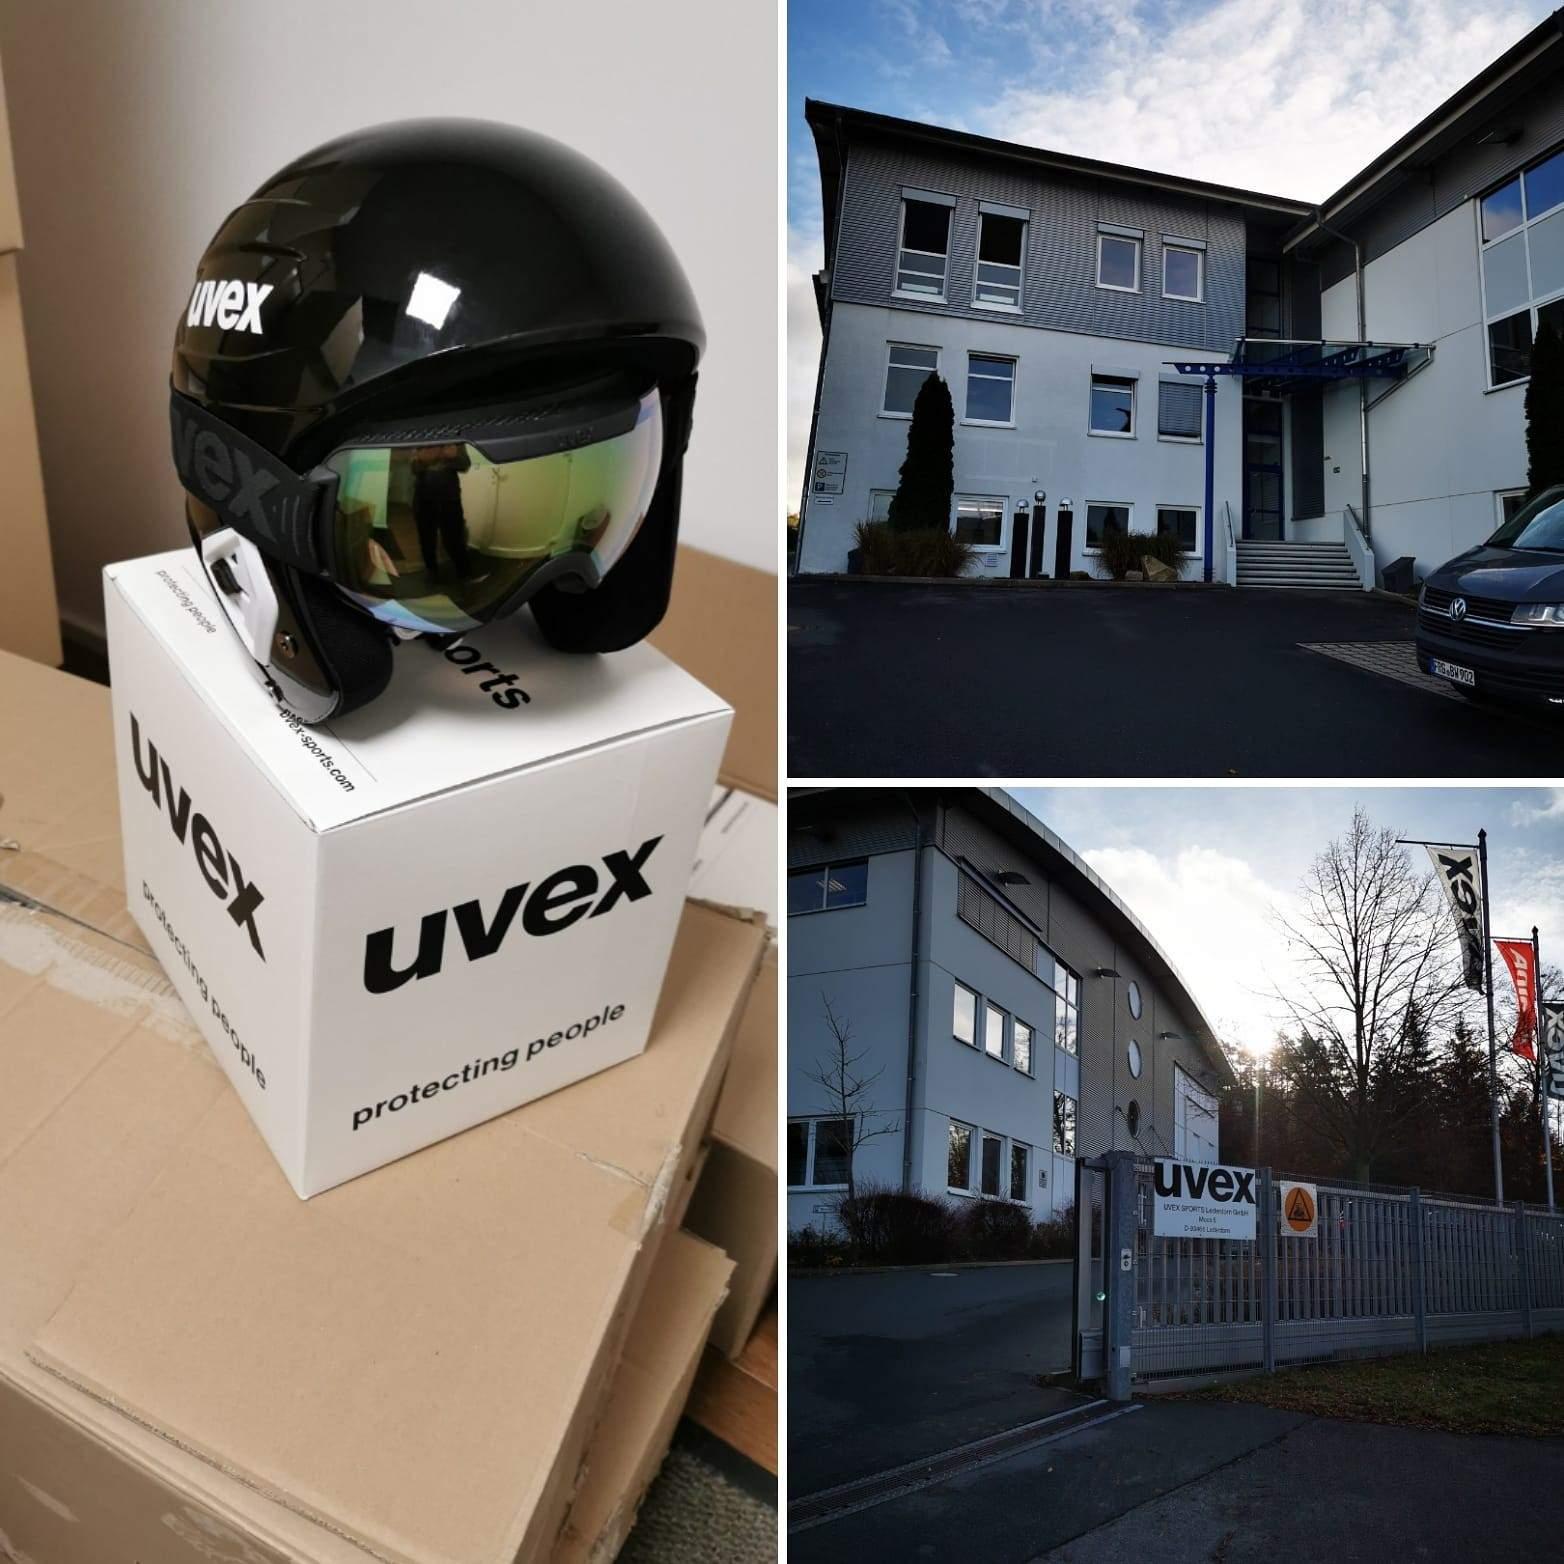 Uvex Sports Übergabe Helme und Brillen für Alpine Athleten